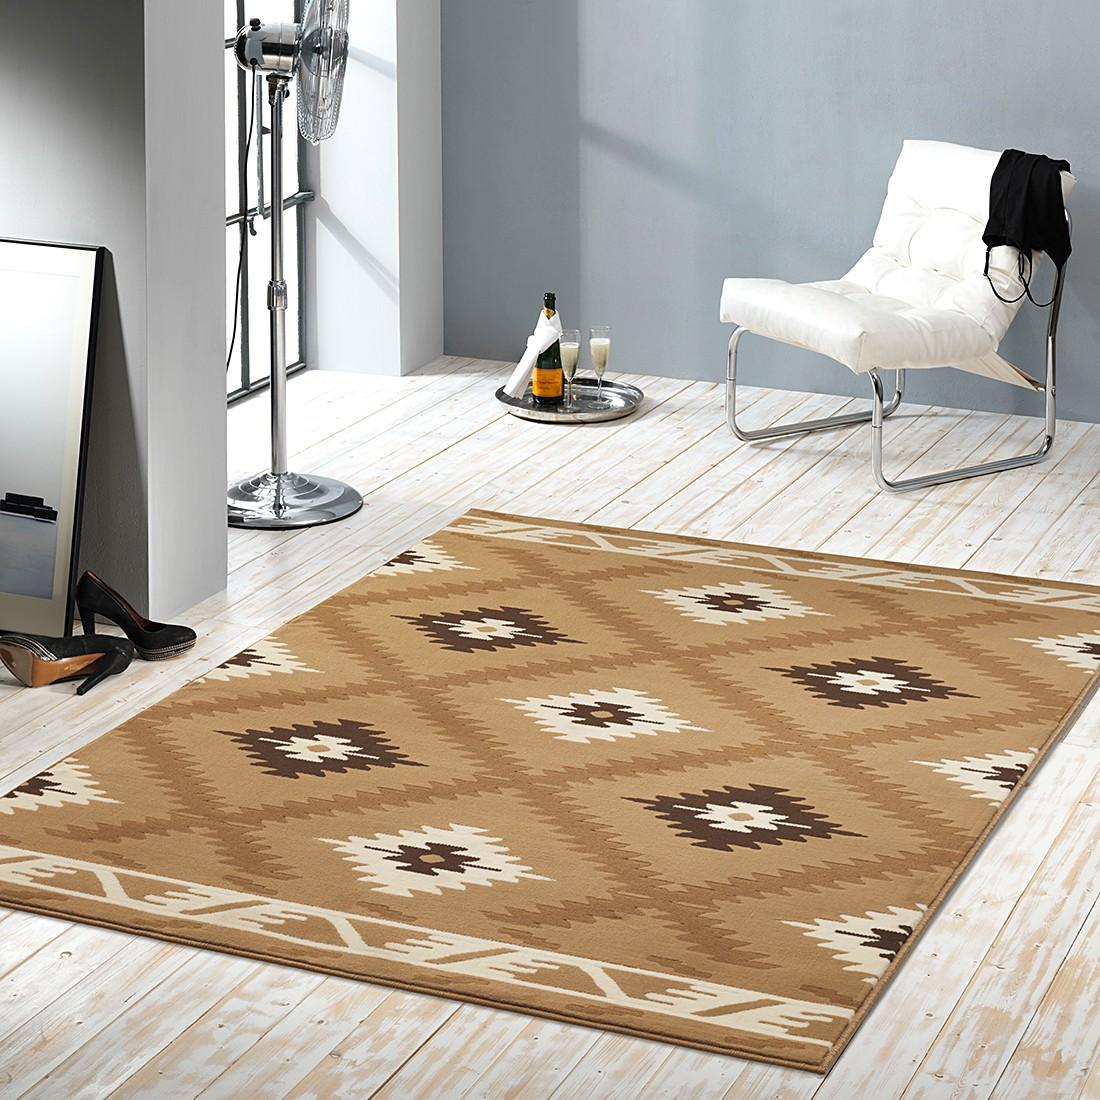 teppich hamla beige 160 x 230 cm hanse home collection g nstig kaufen. Black Bedroom Furniture Sets. Home Design Ideas